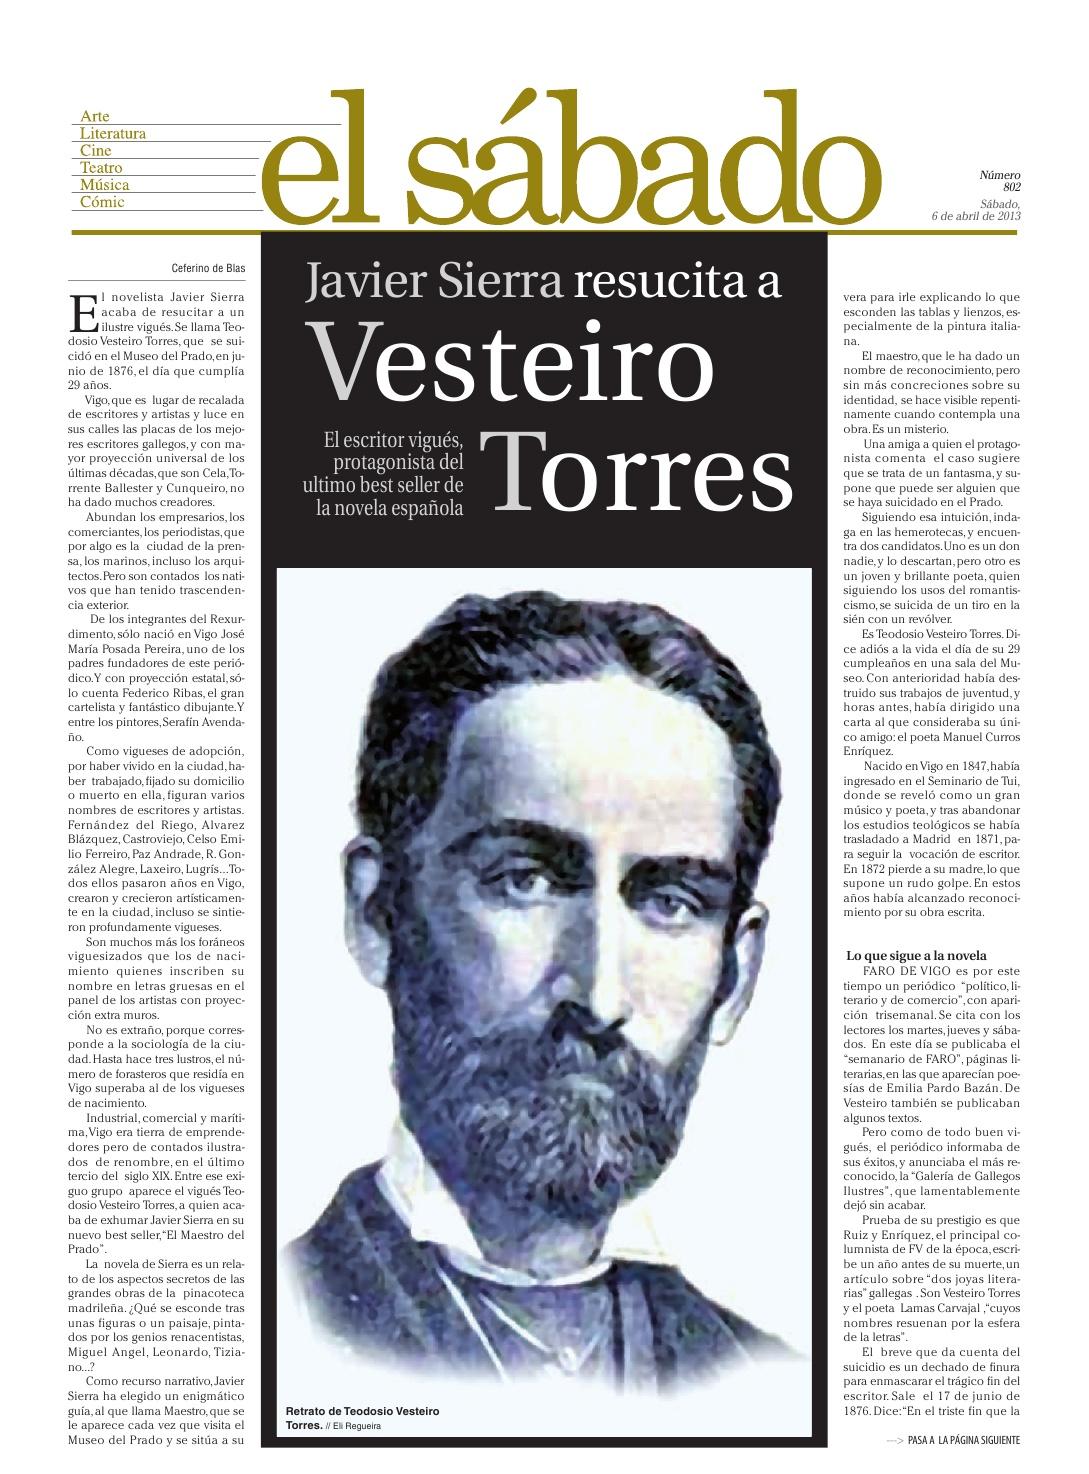 20130406 FARO DE VIGO Javier Sierra resucita a Vesteiro Torres